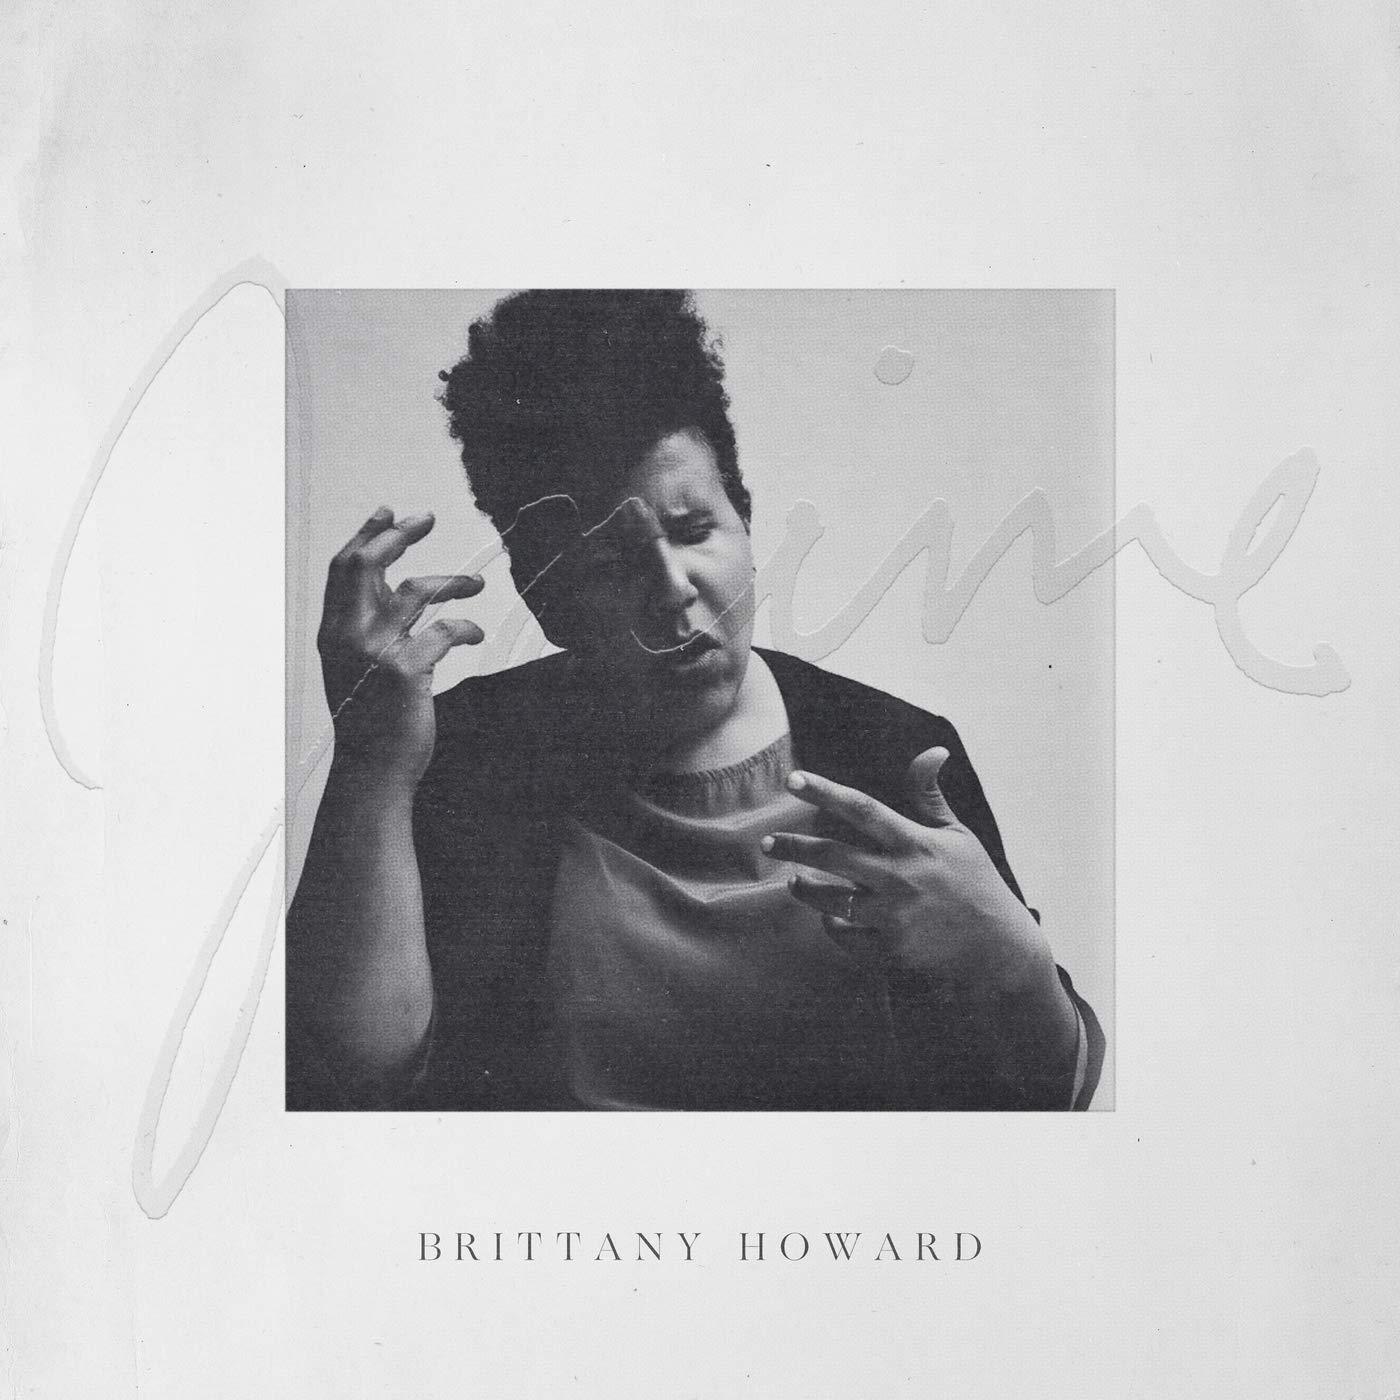 Brittany Howard